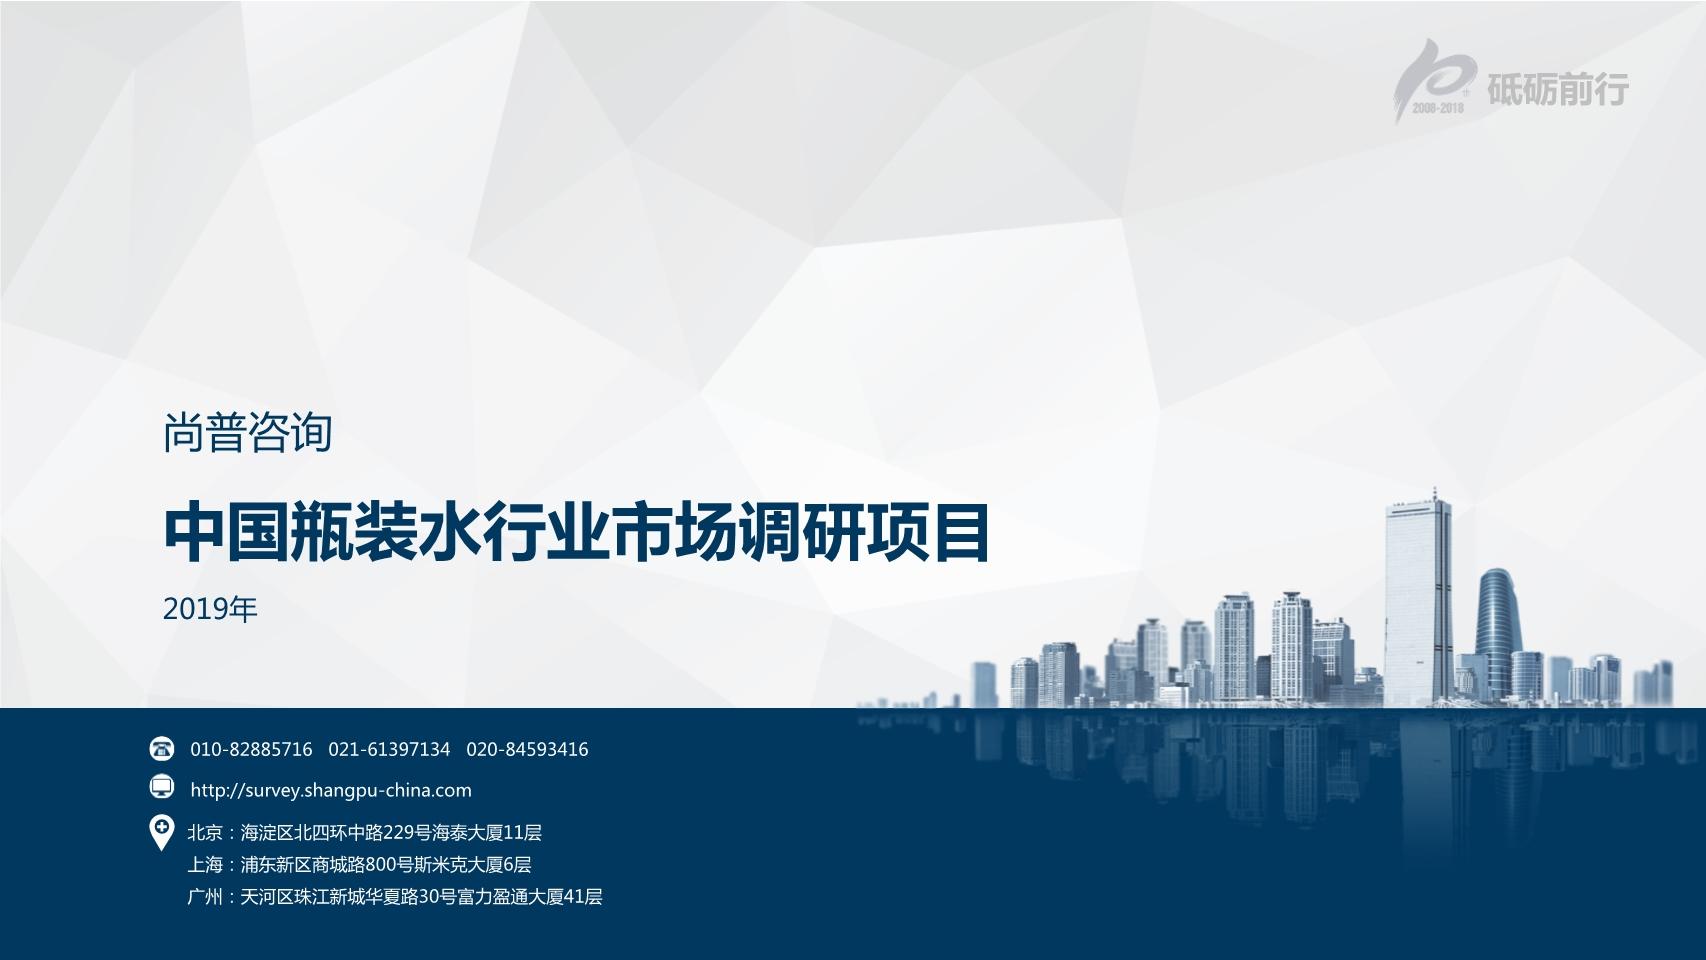 中国瓶装水行业市场调研